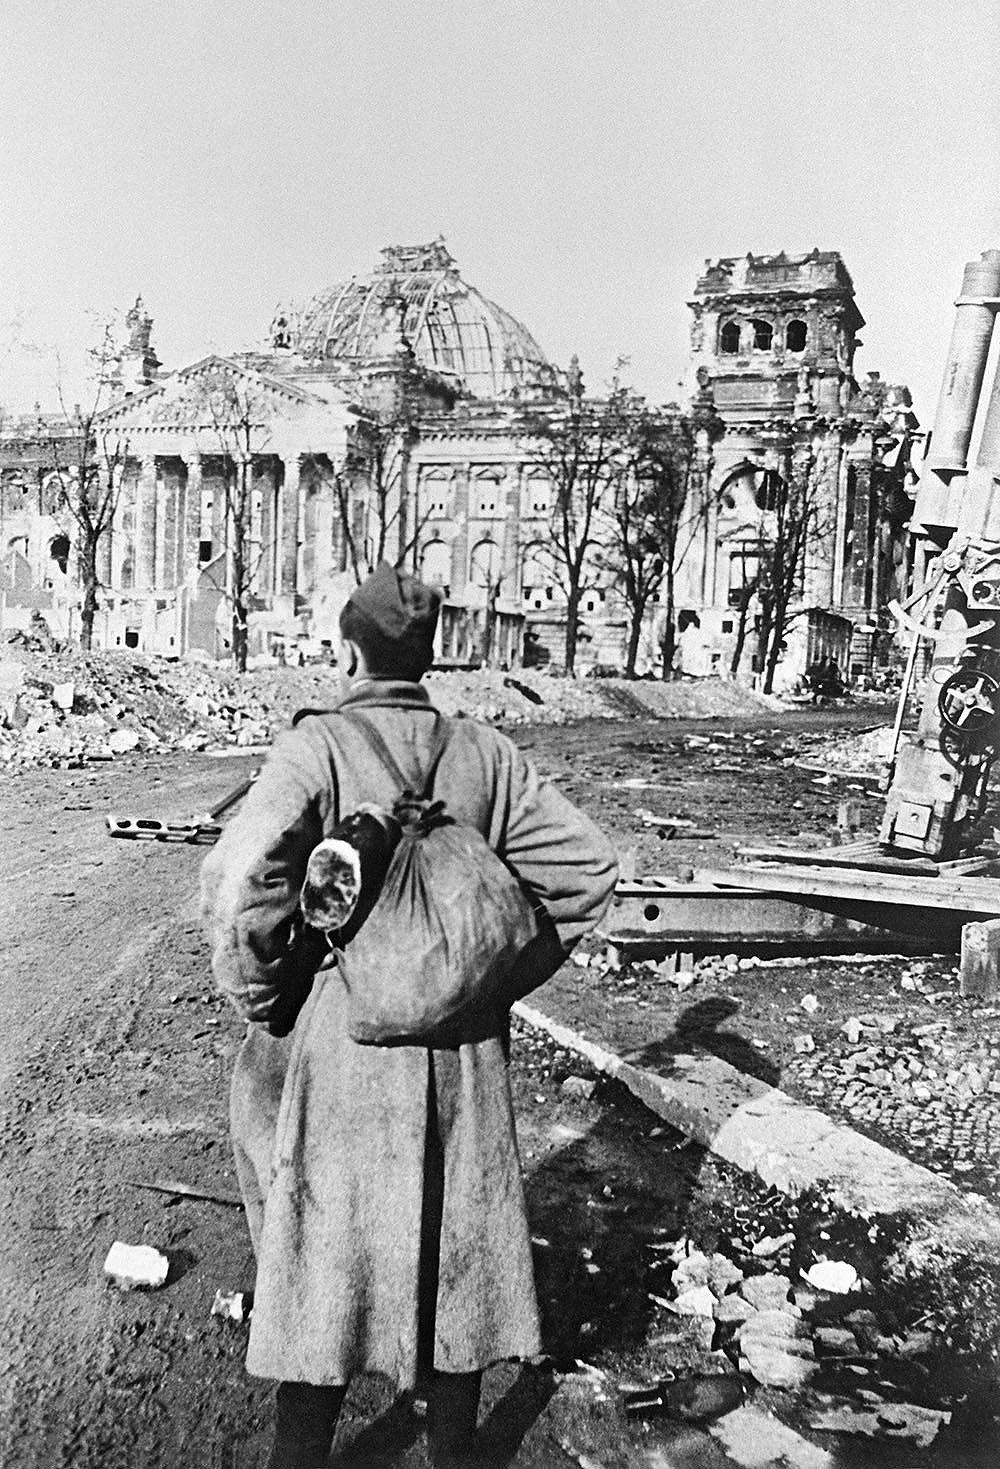 20200619_00-75 лет Великой Победы- общая ответственность перед историей и будущим~РГ-pic12